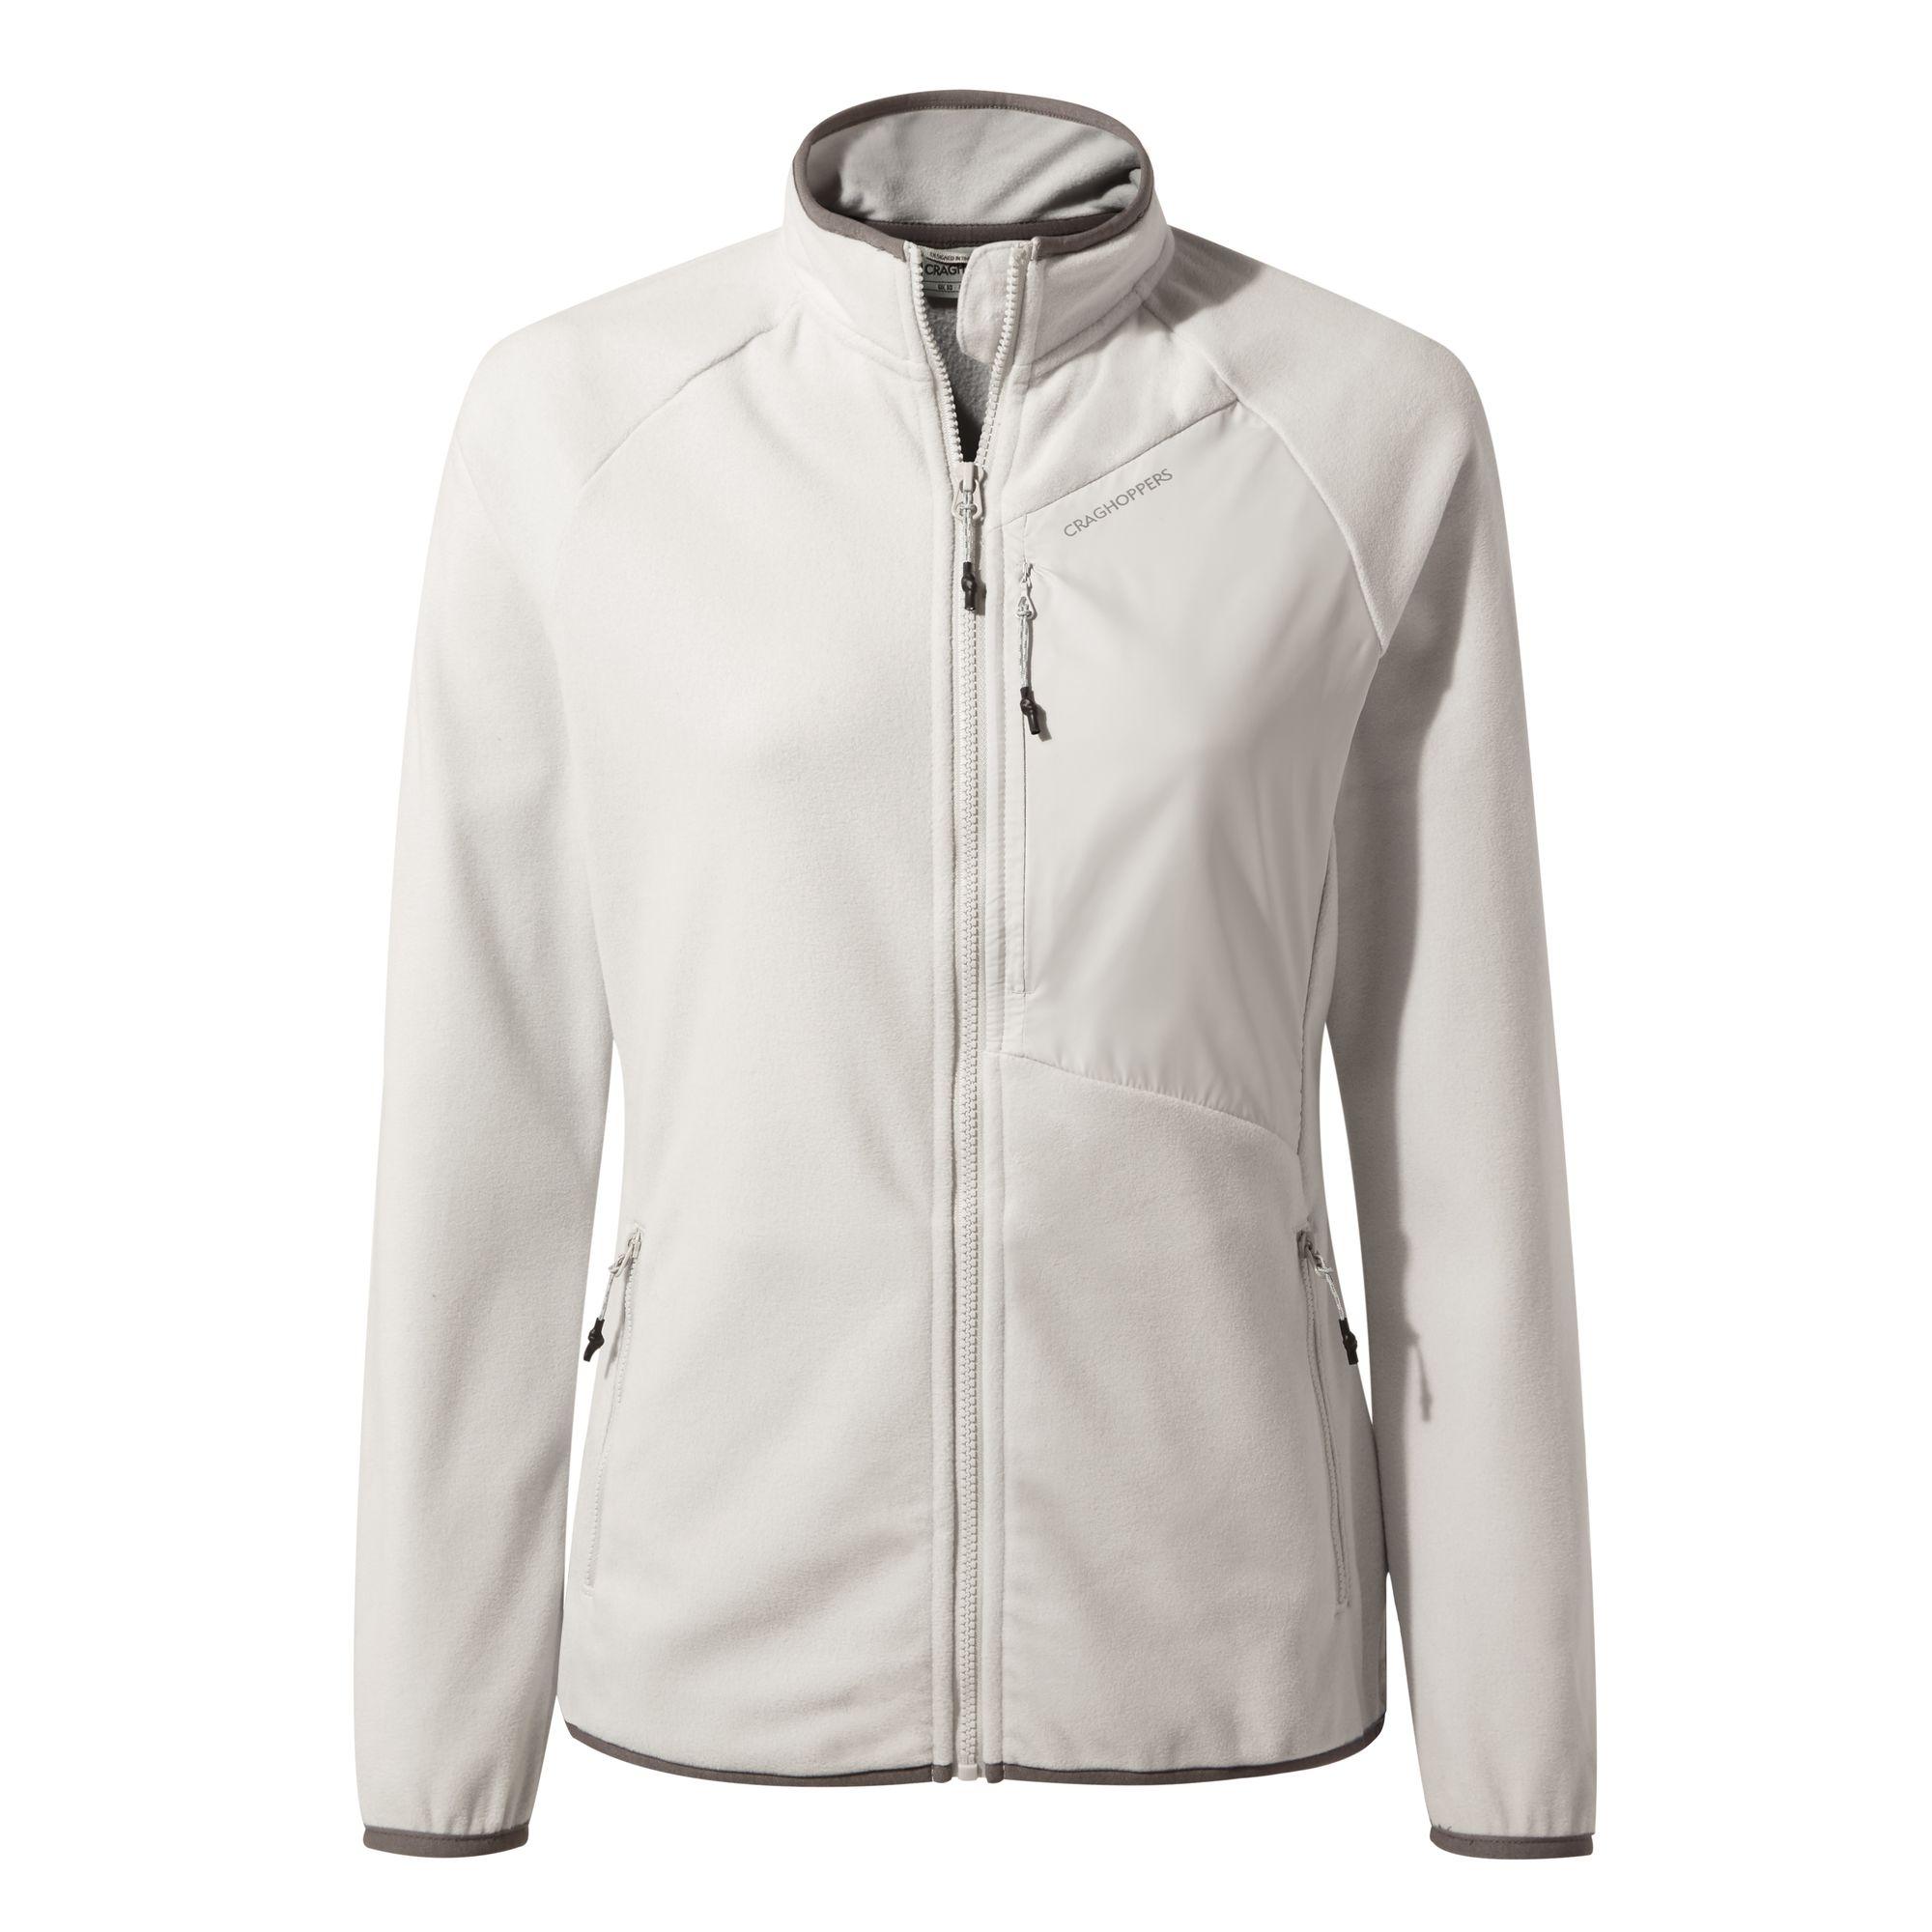 3cc3766228 Hochfloriger Fleece Jacken Damen Preisvergleich • Die besten ...